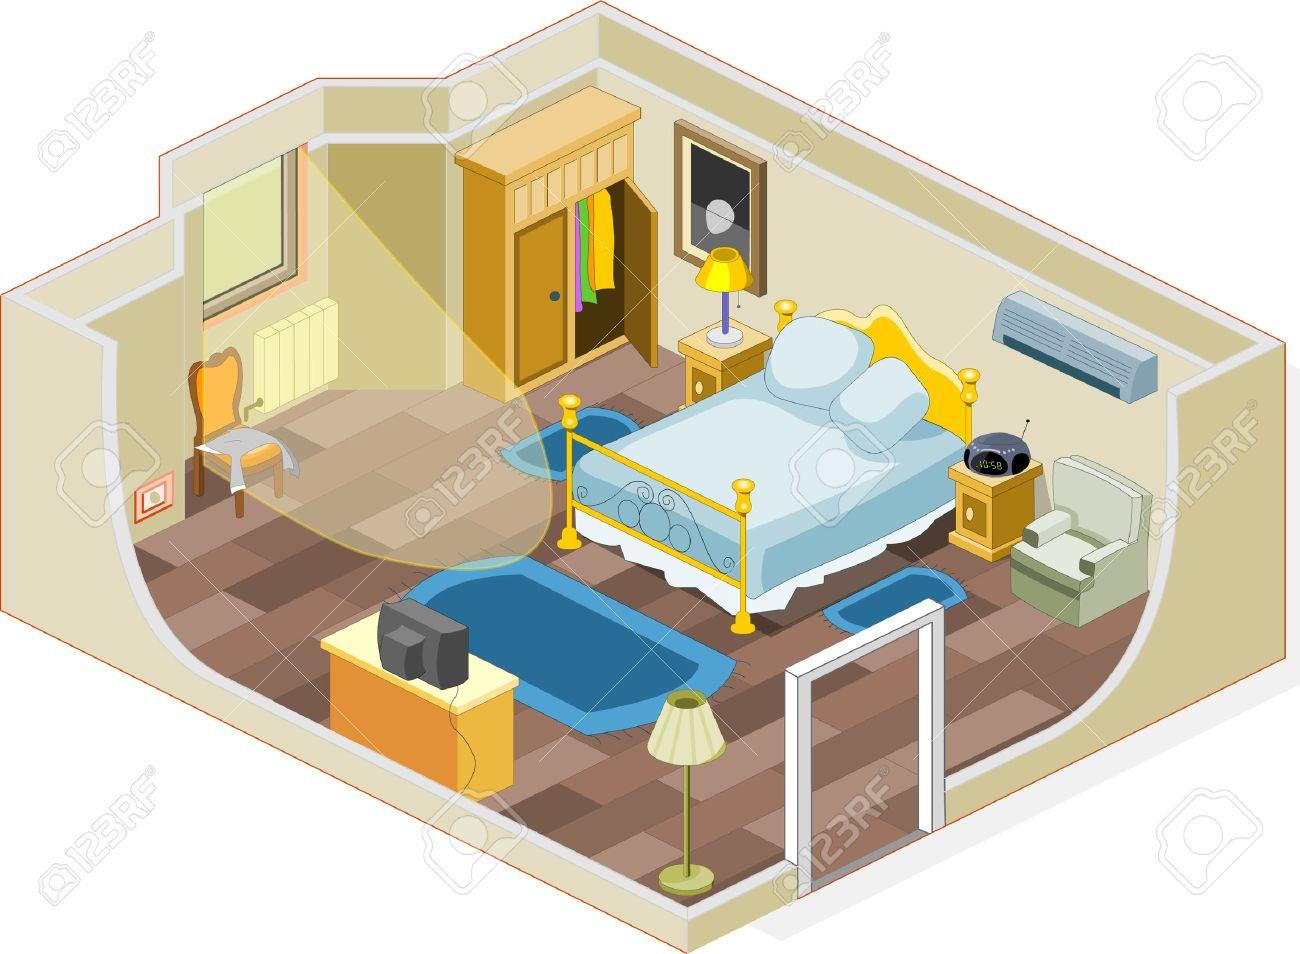 Manufacturers Of Bedroom Furniture Cartoon Bedroom Furniture Cartoon Bedroom Furniture Latest